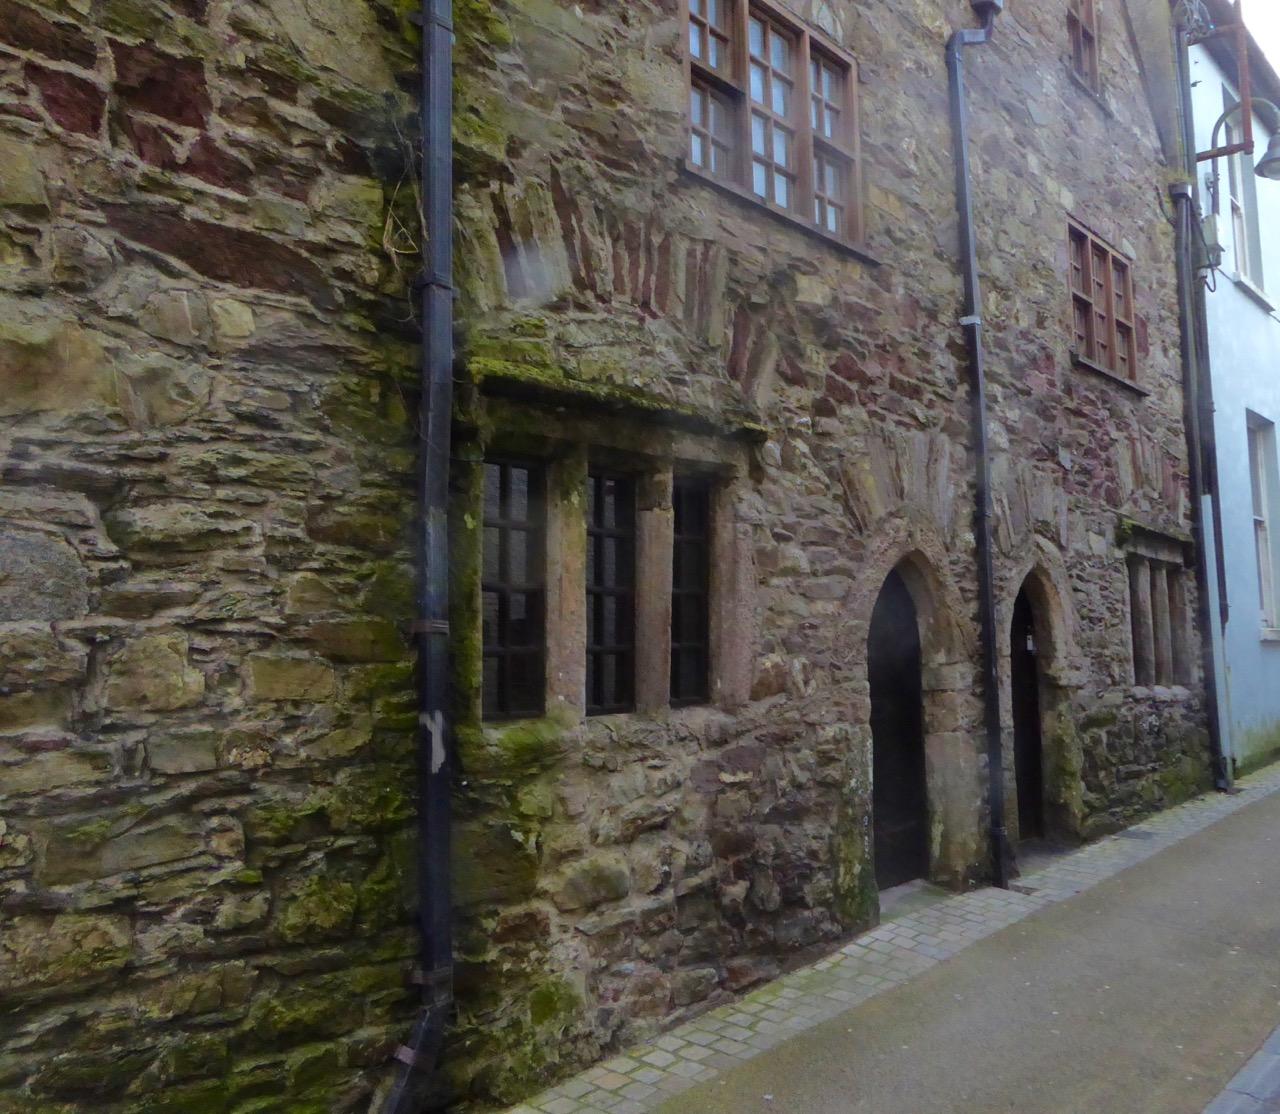 Boyle's Almshouses